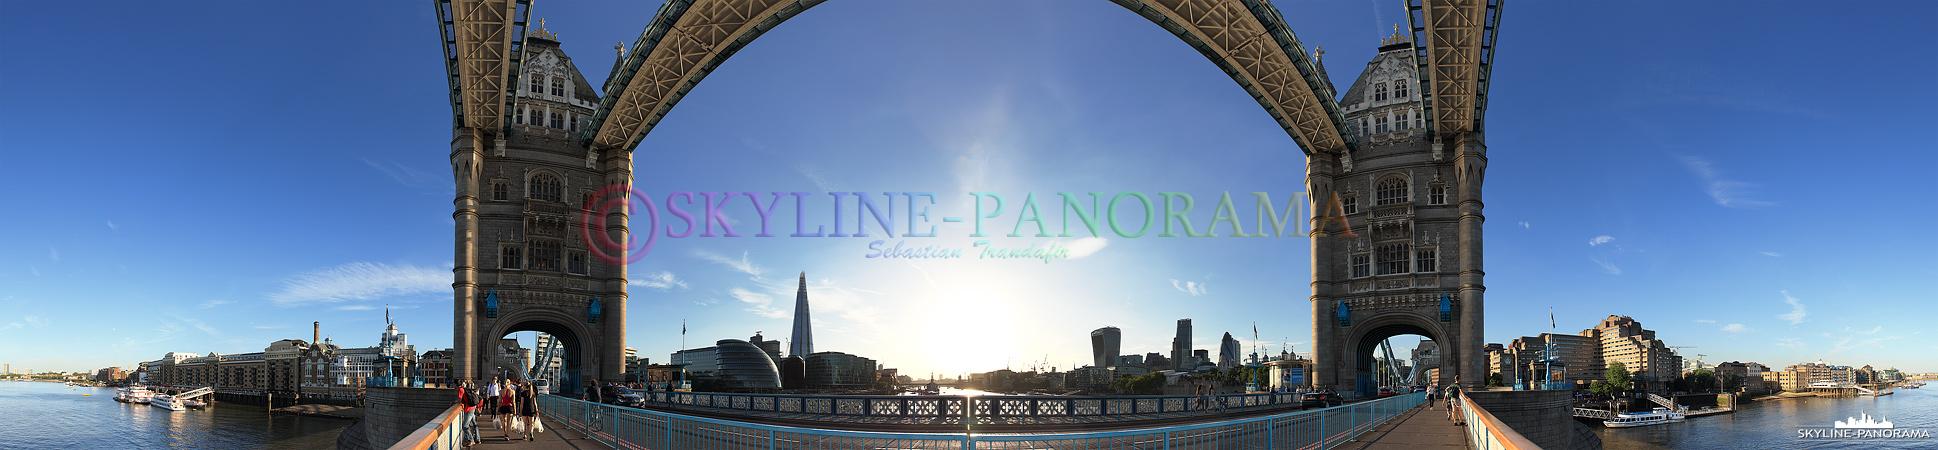 London Bilder am Tag – Hierbei handelt es sich um ein 360 Grad Panorama, welches den Blick von der Tower Bridge kurz vor dem Sonnenuntergang zeigt.